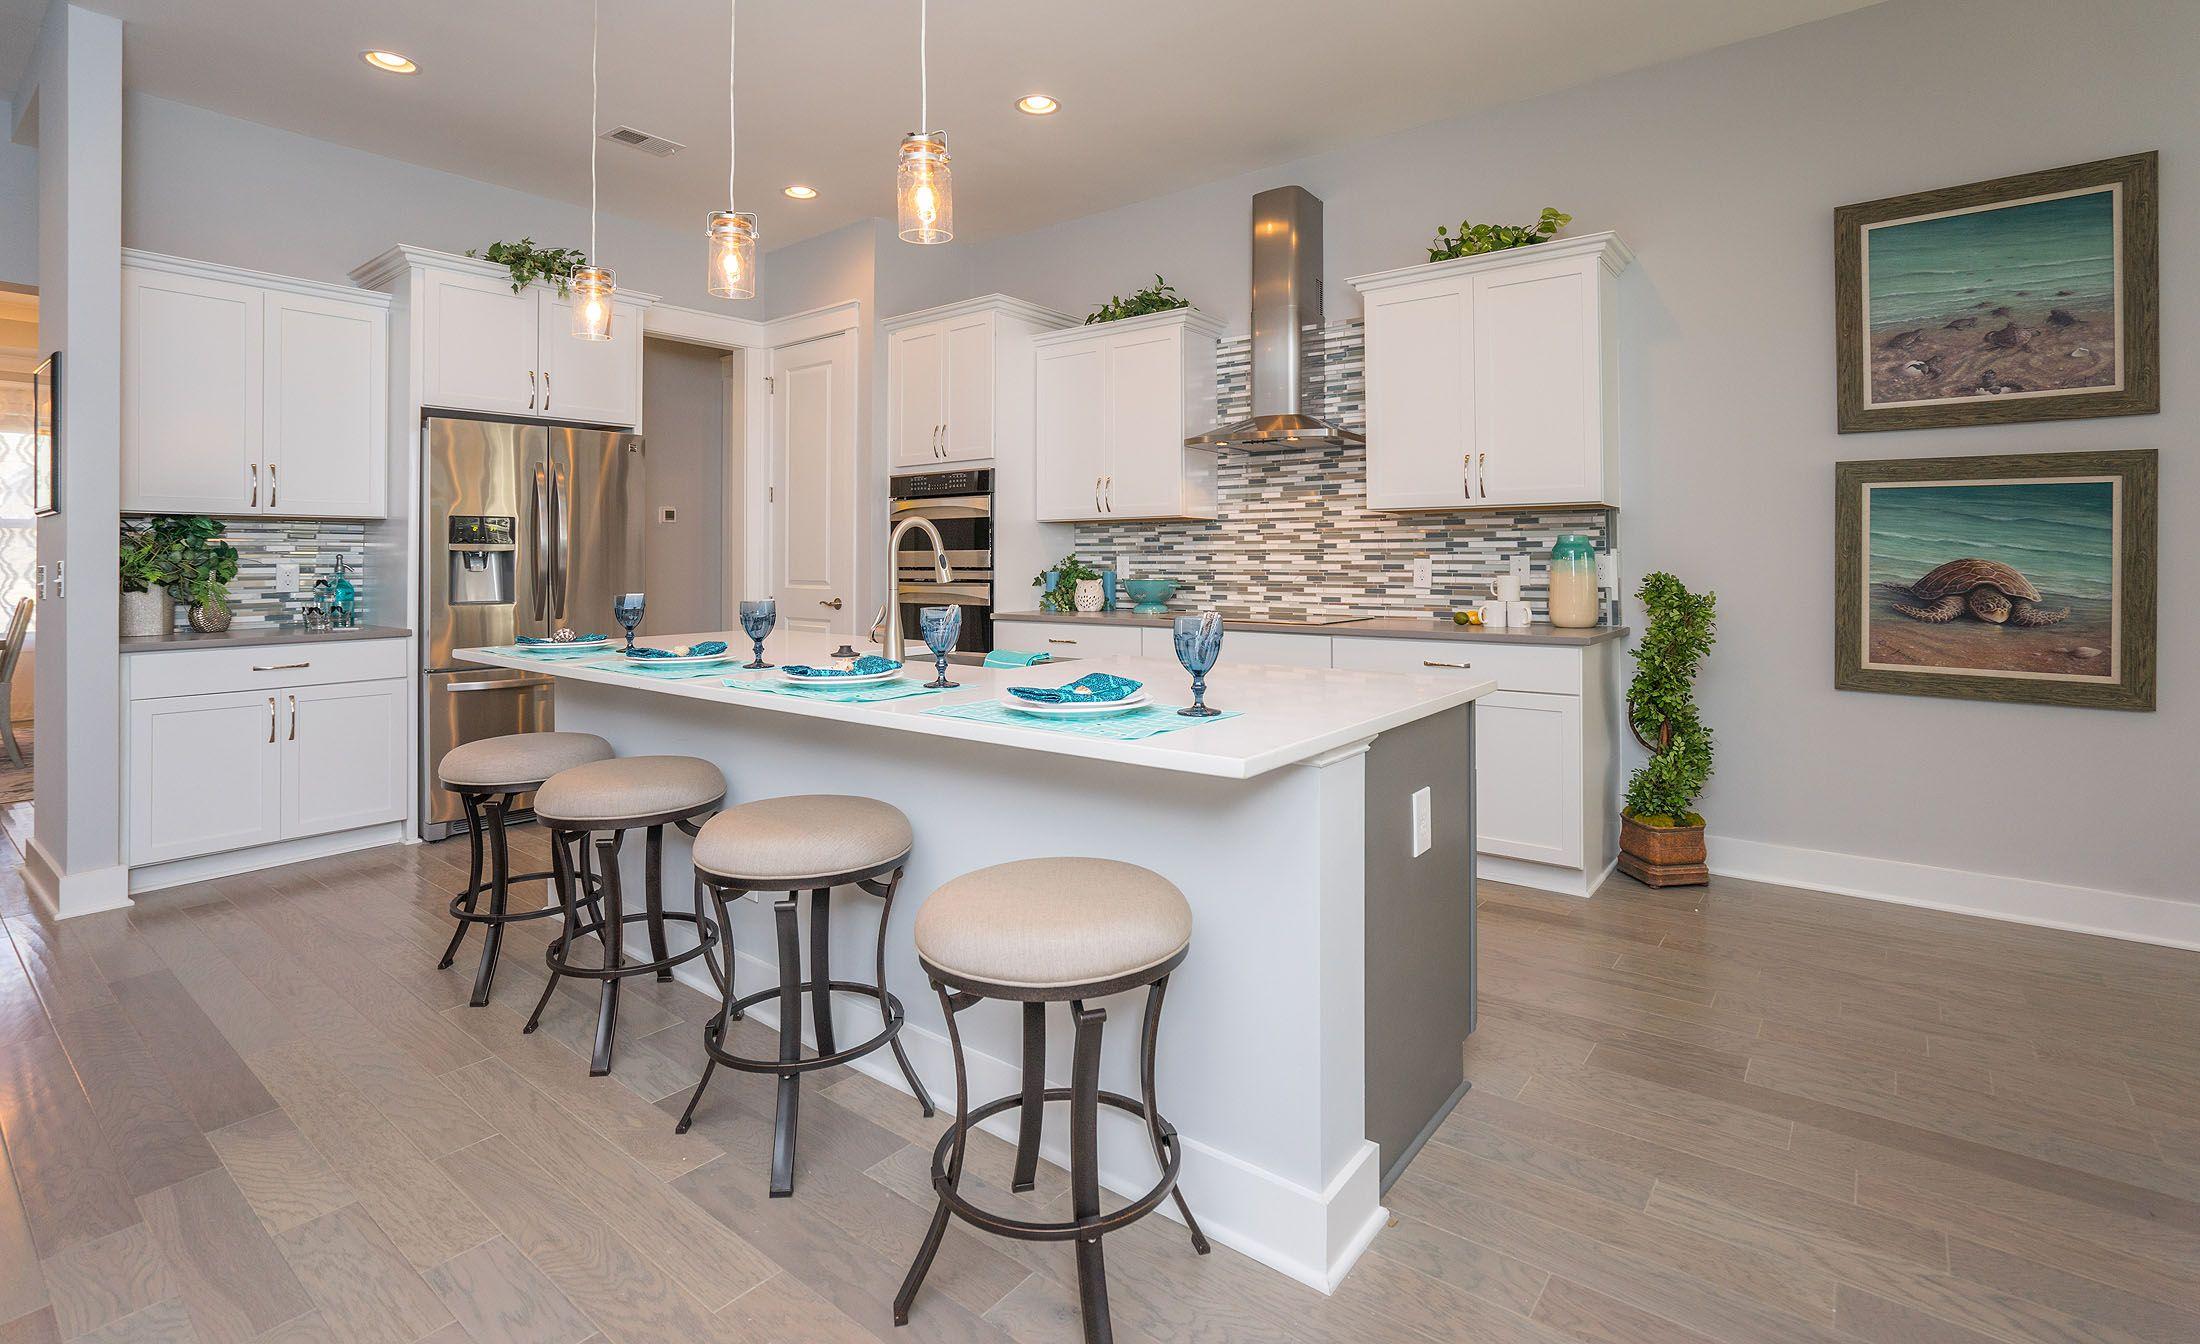 Kitchen featured in The Pinehurst By Village Park Homes in Savannah, GA